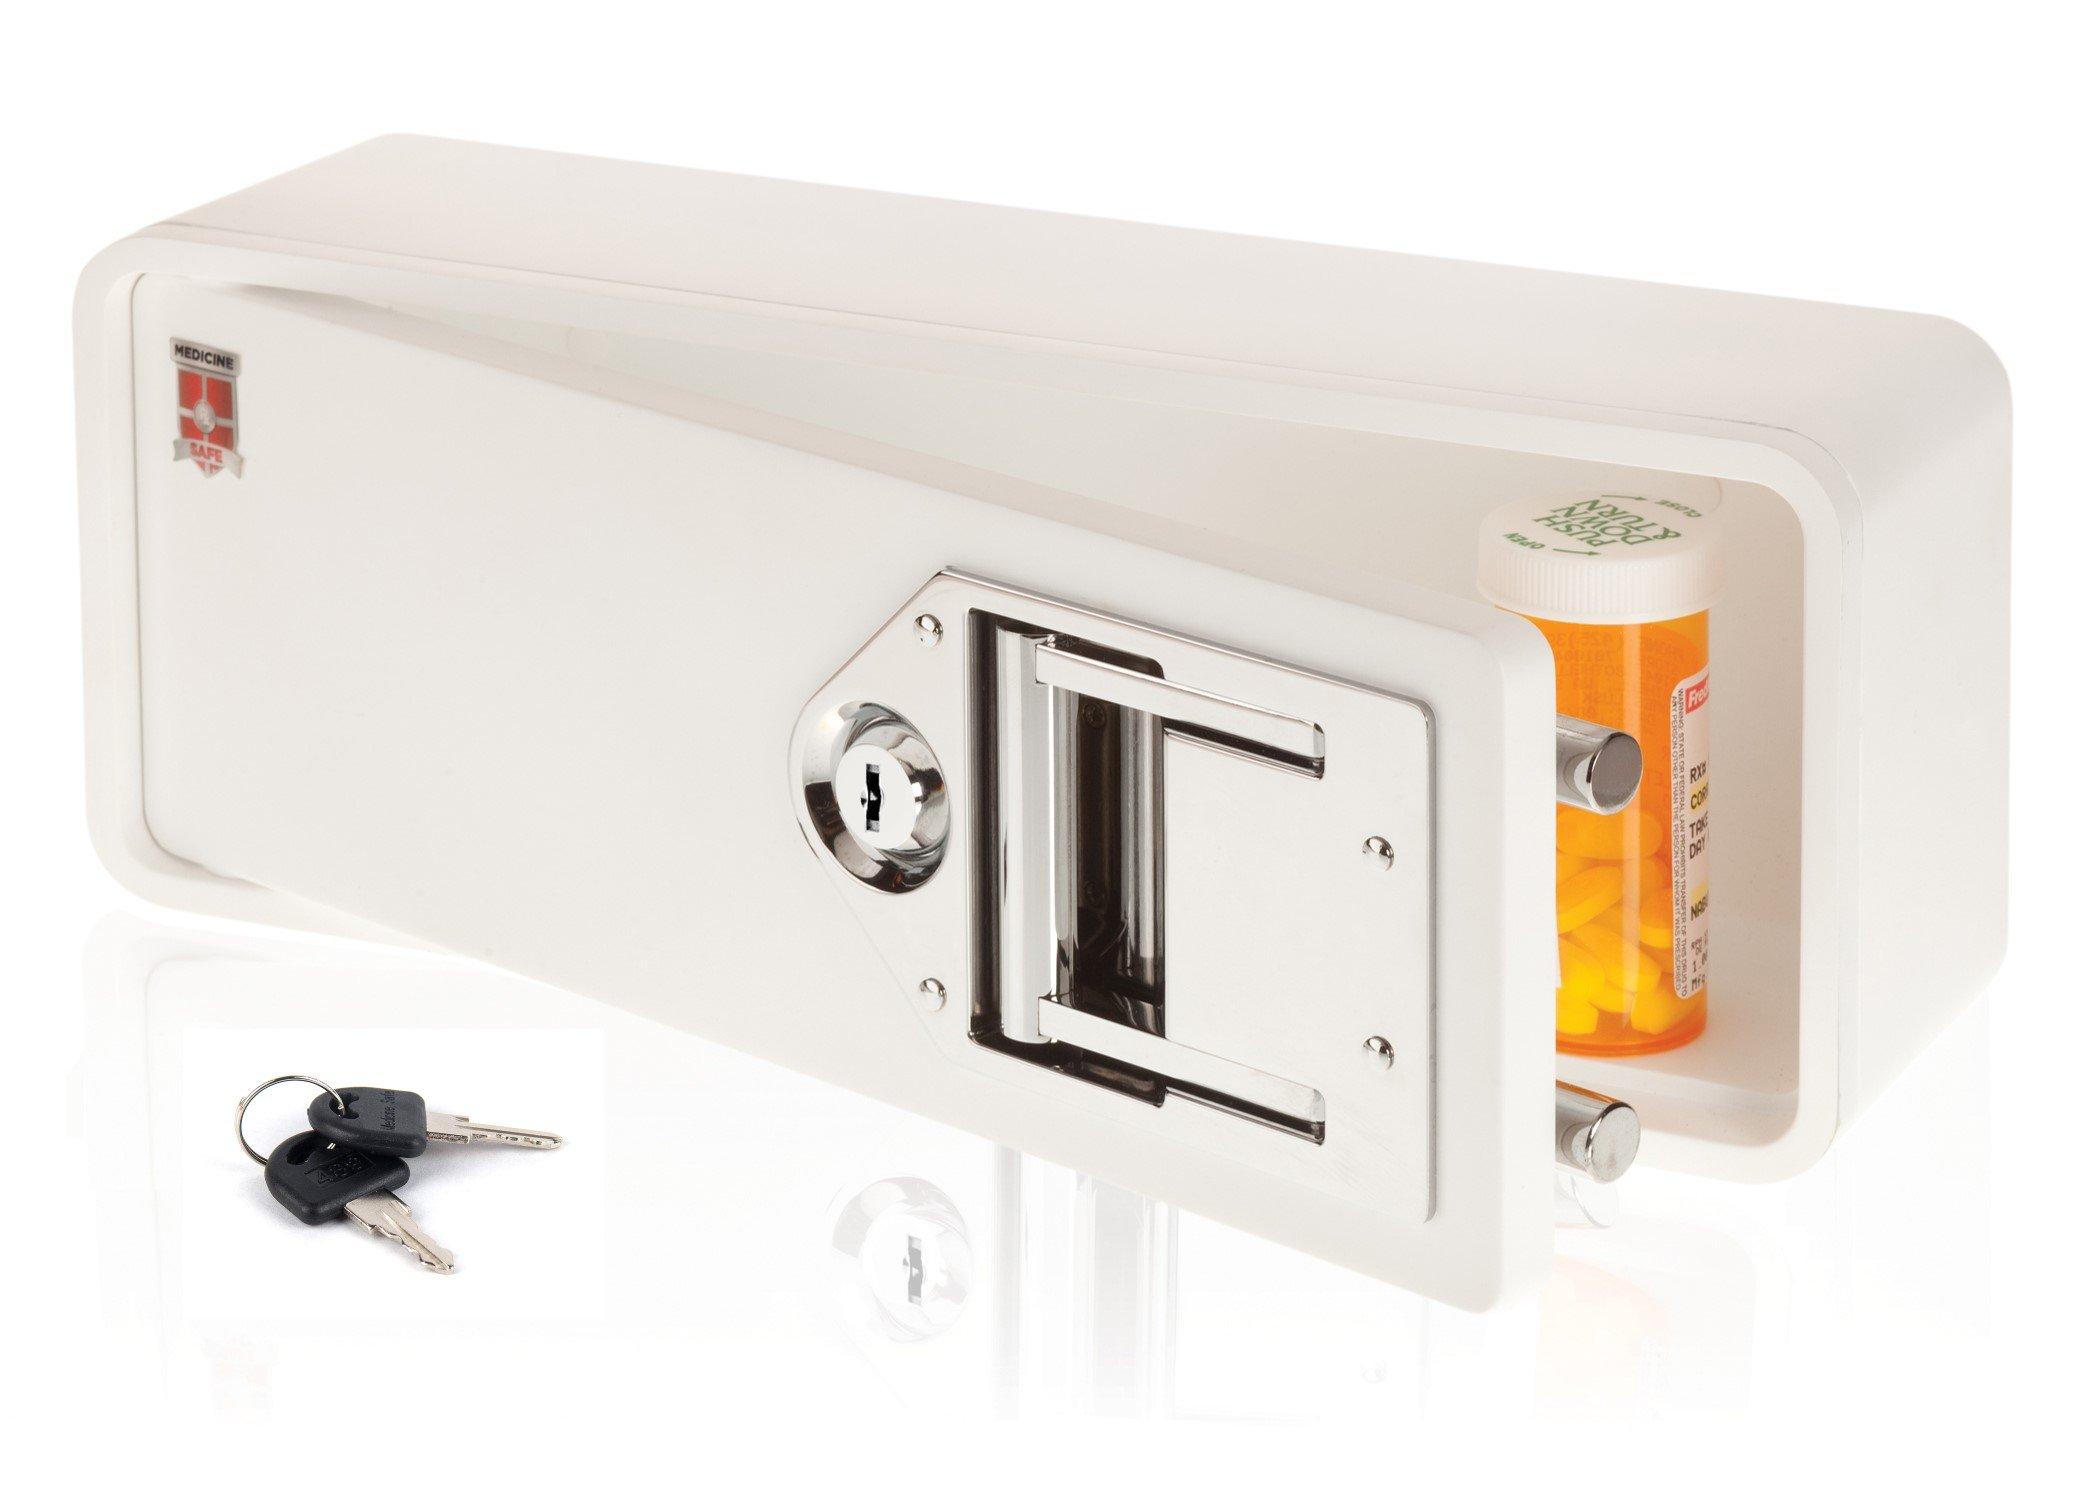 Medicine Safe-Lock box to secure prescription medication-fits inside Medicine Cabinets /Vanity Drawer, White